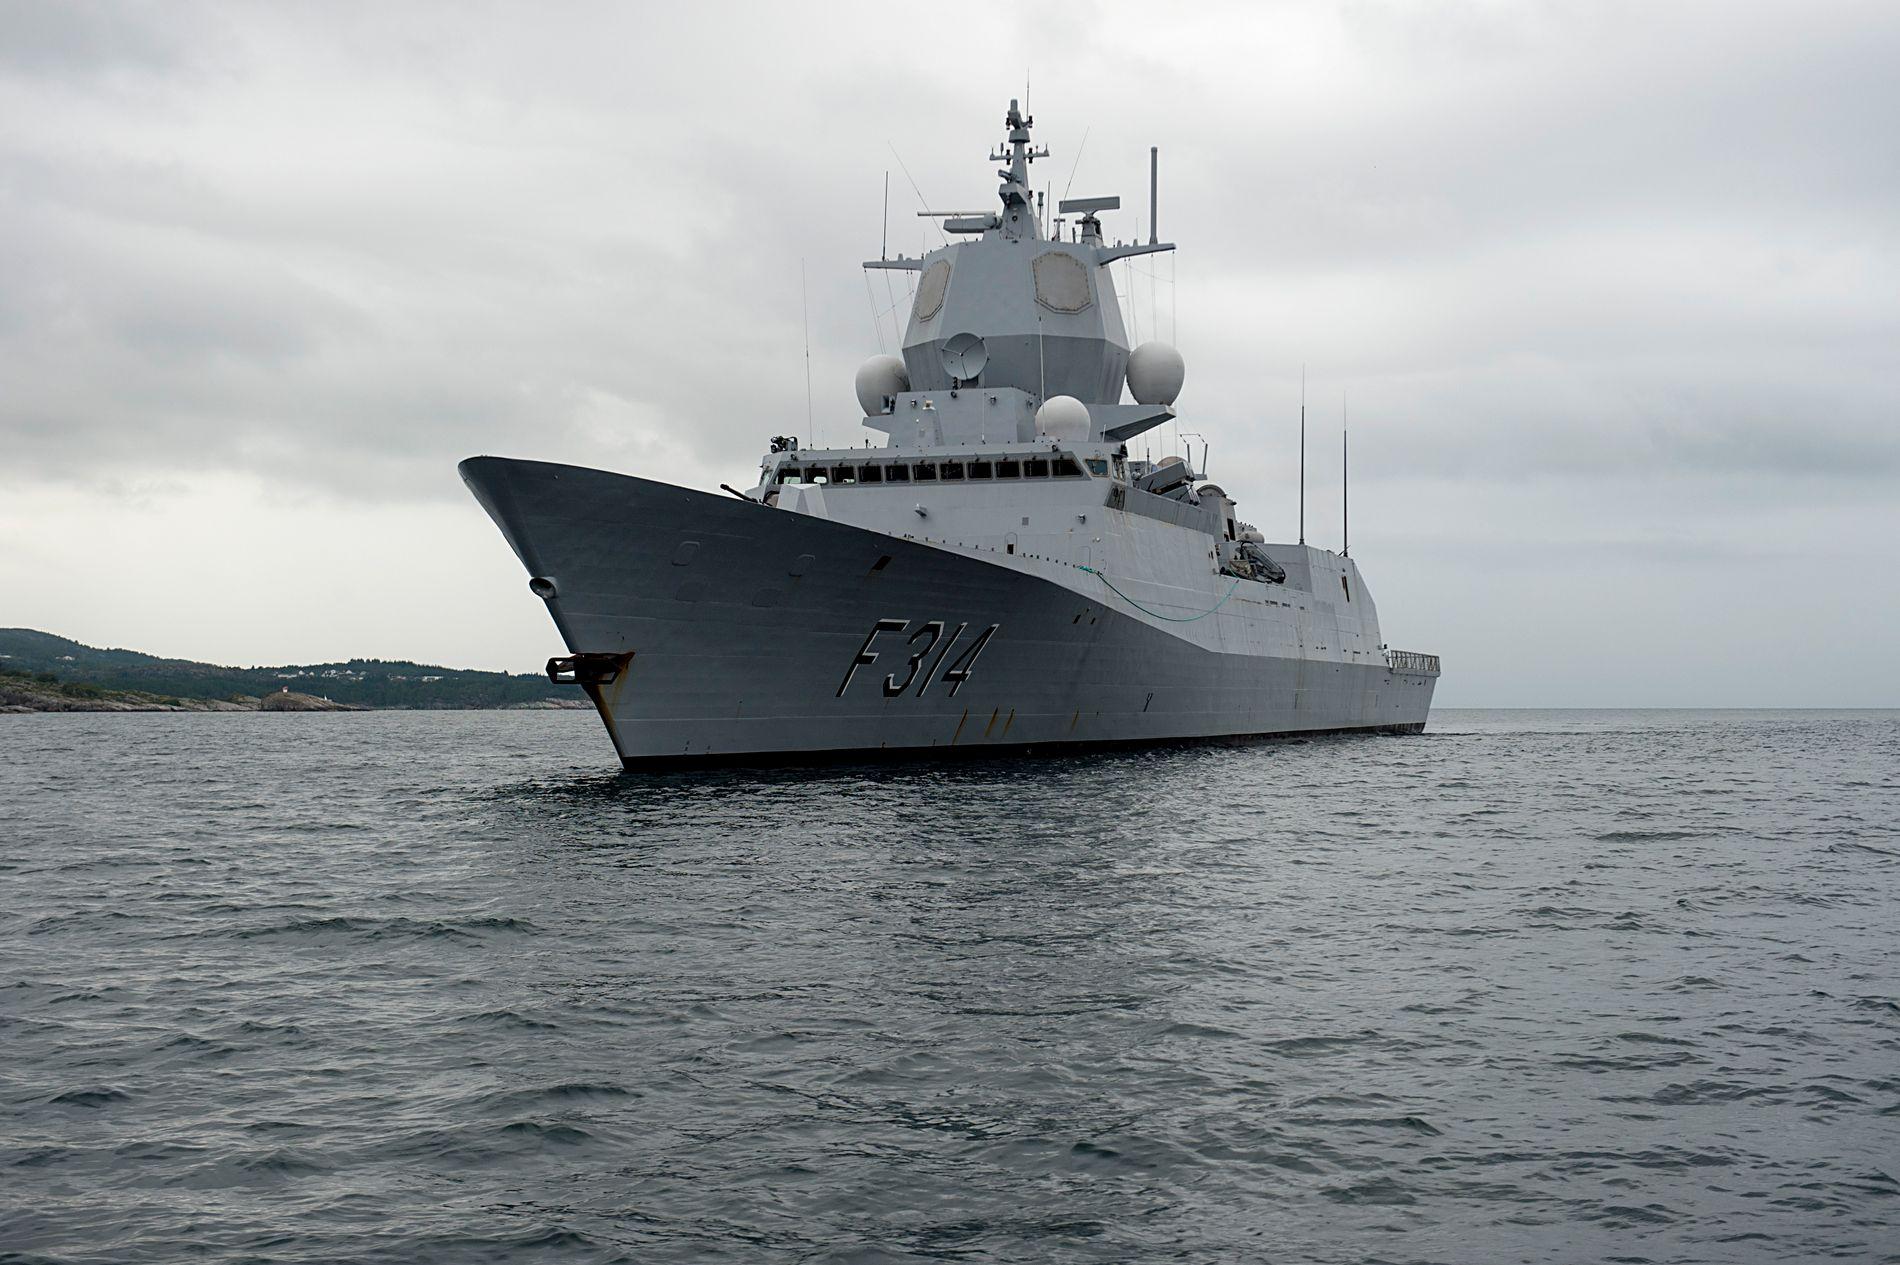 VAR GRATISPASSASJER: Før kunne norsk skipsfart kunne stole på at stormaktene holdt orden på havet. Det er i dag ikke lenger noe man kan ta for gitt, skriver Ståle Ulriksen.